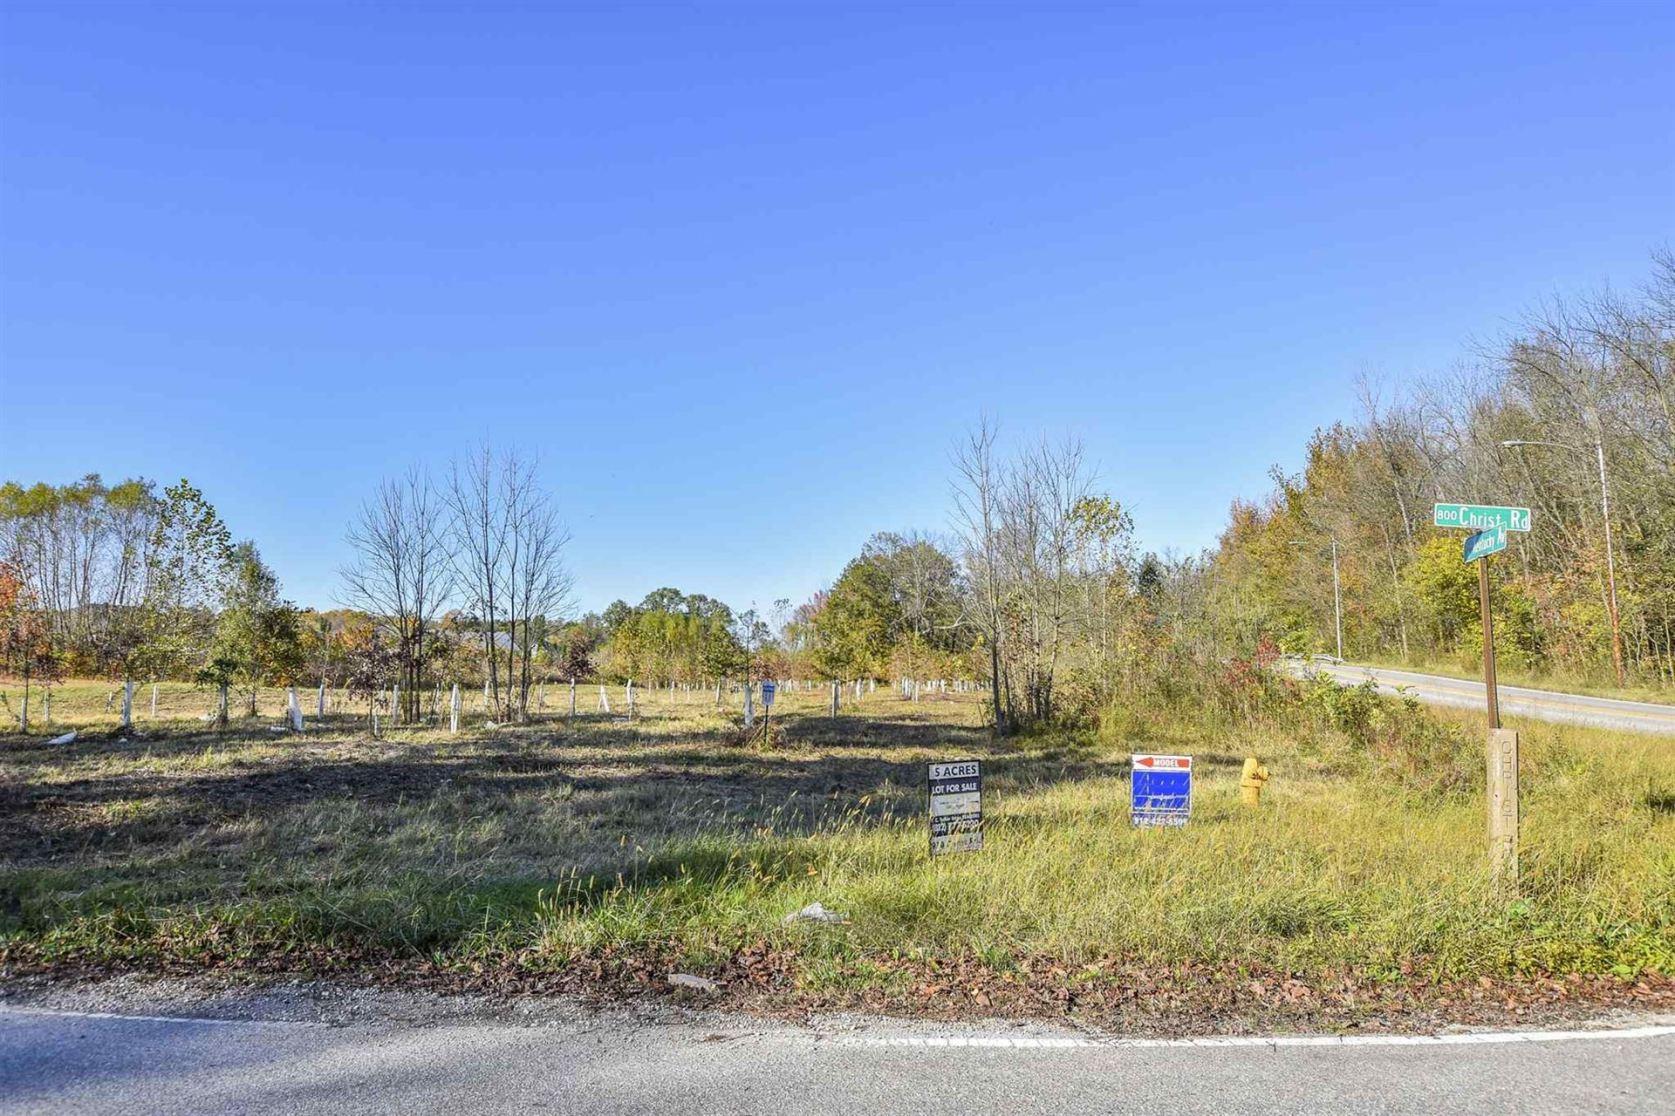 Photo of 930 Christ Road, Evansville, IN 47711 (MLS # 202026846)